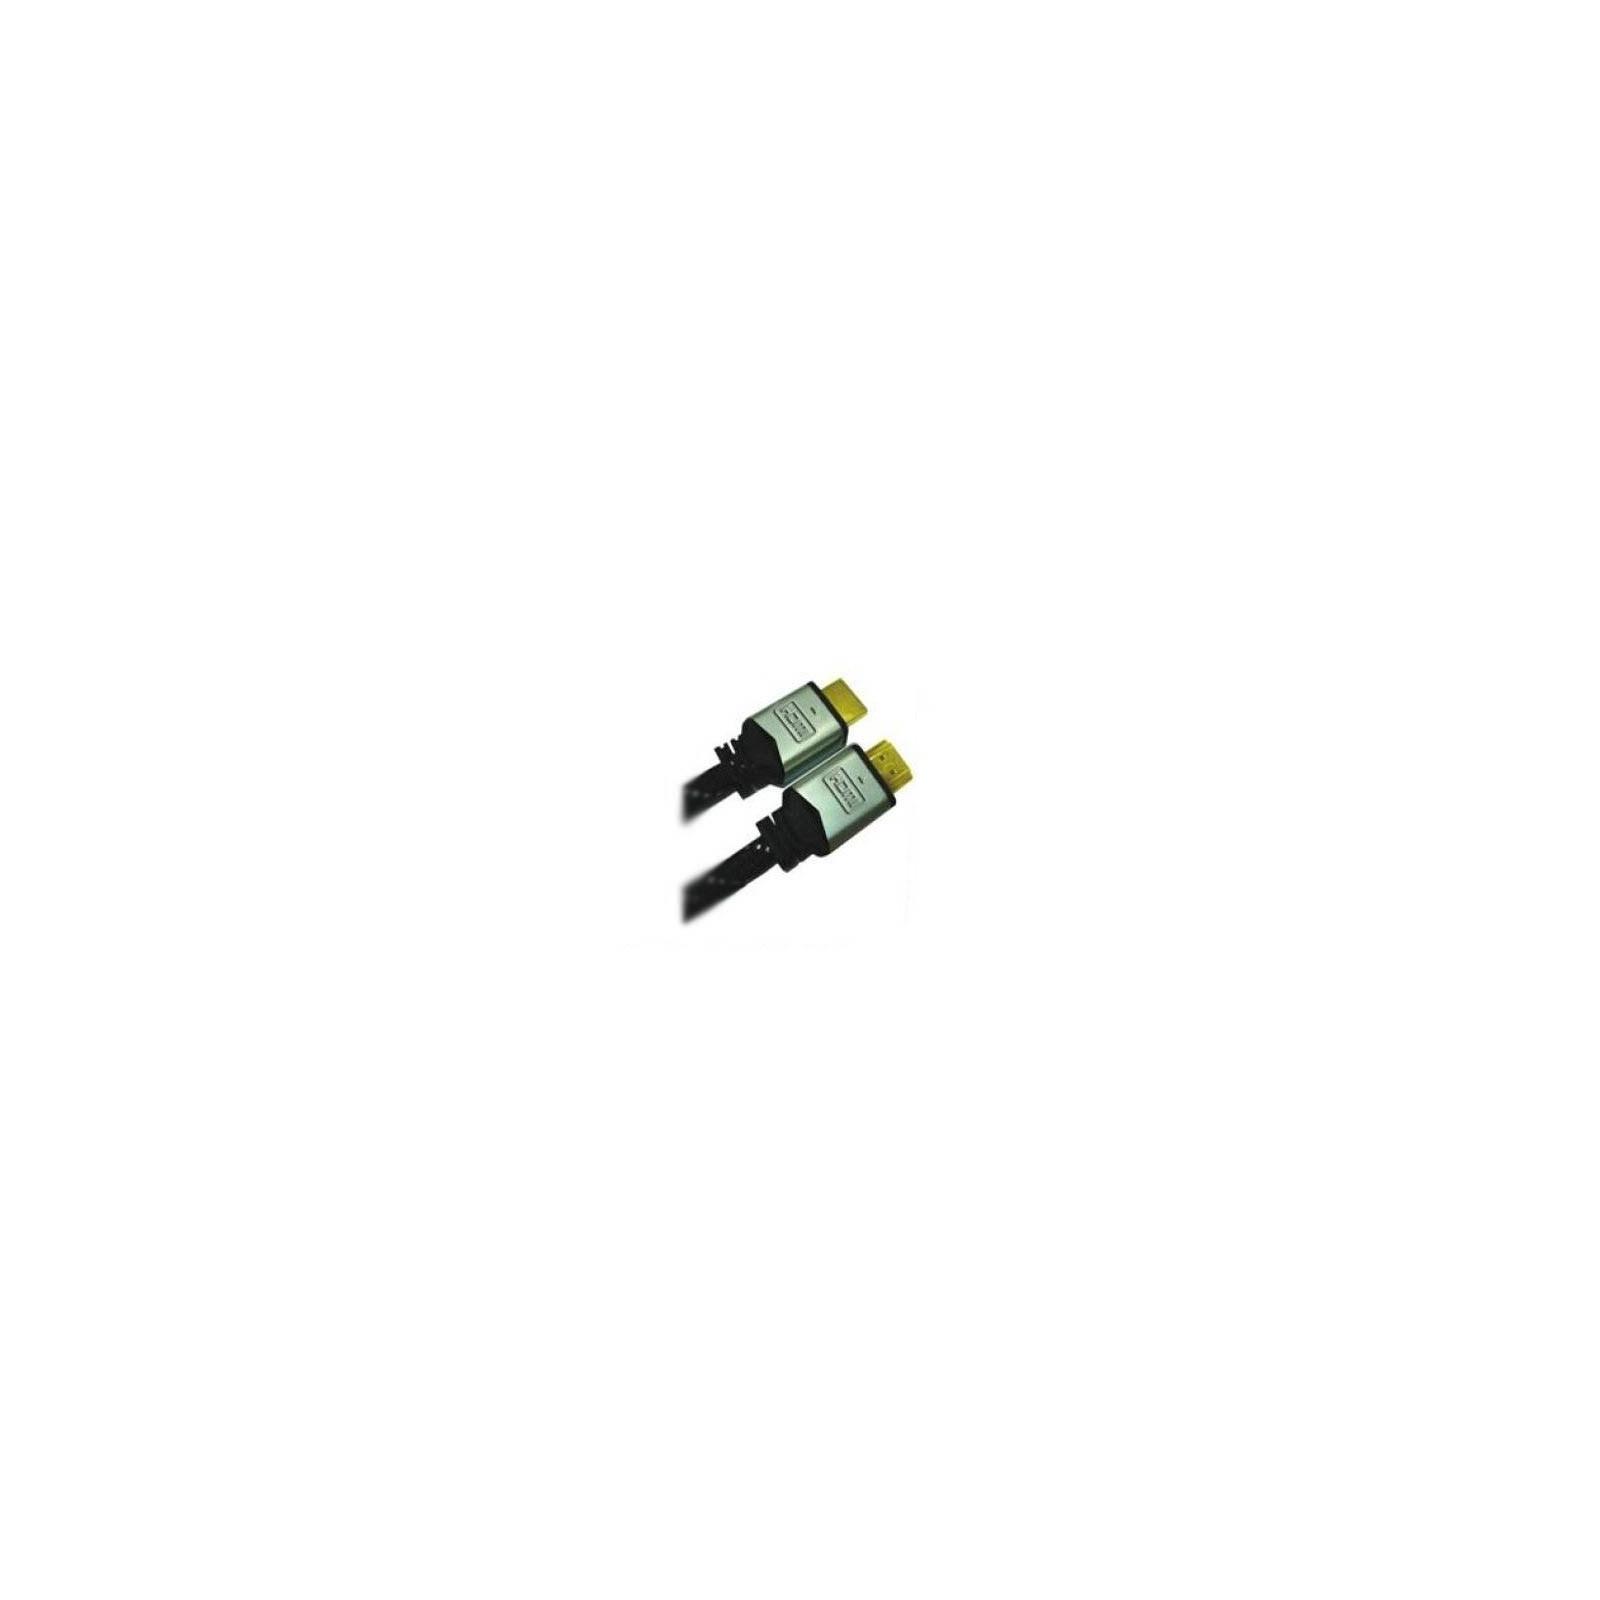 Кабель мультимедийный HDMI to HDMI 3.0m Viewcon (VD 112-3м.)